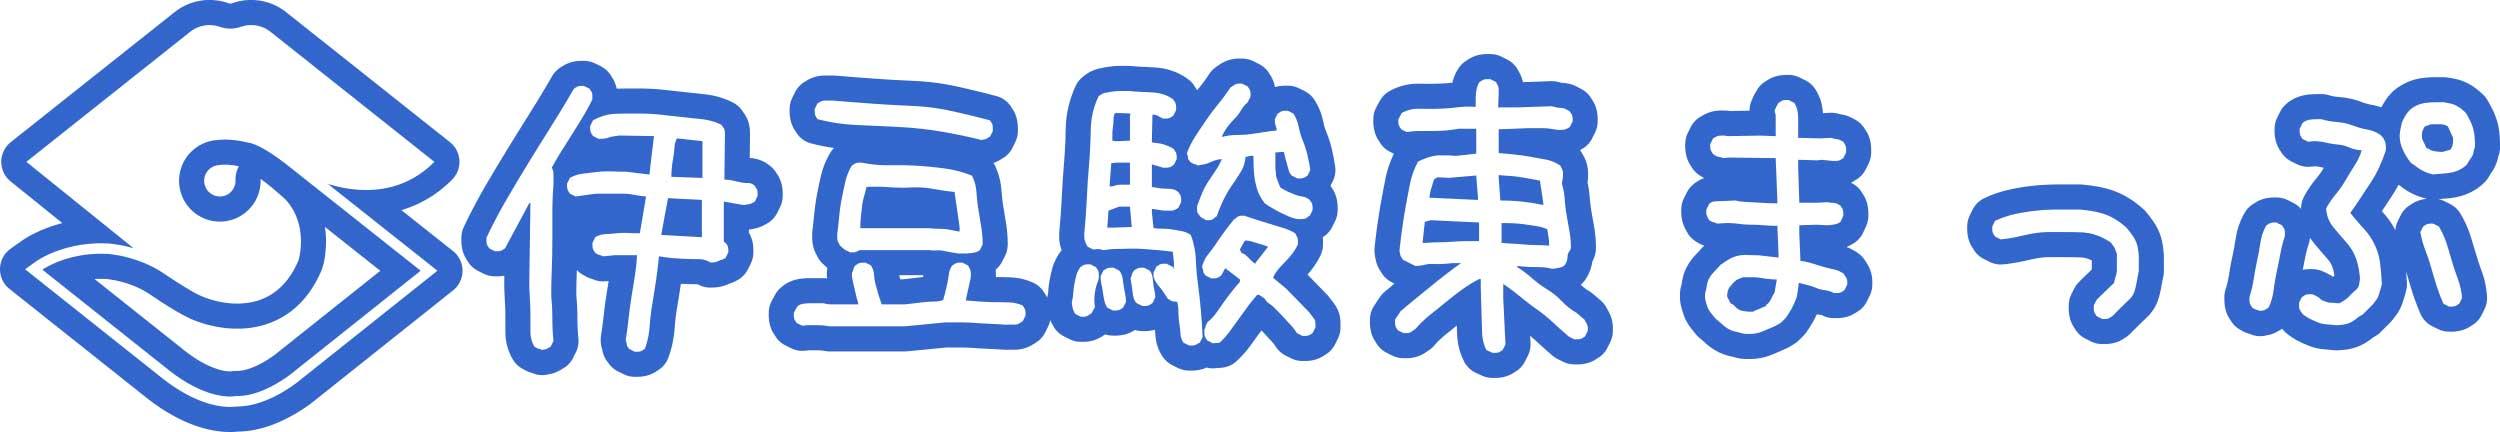 伊豆駿東まっぷ